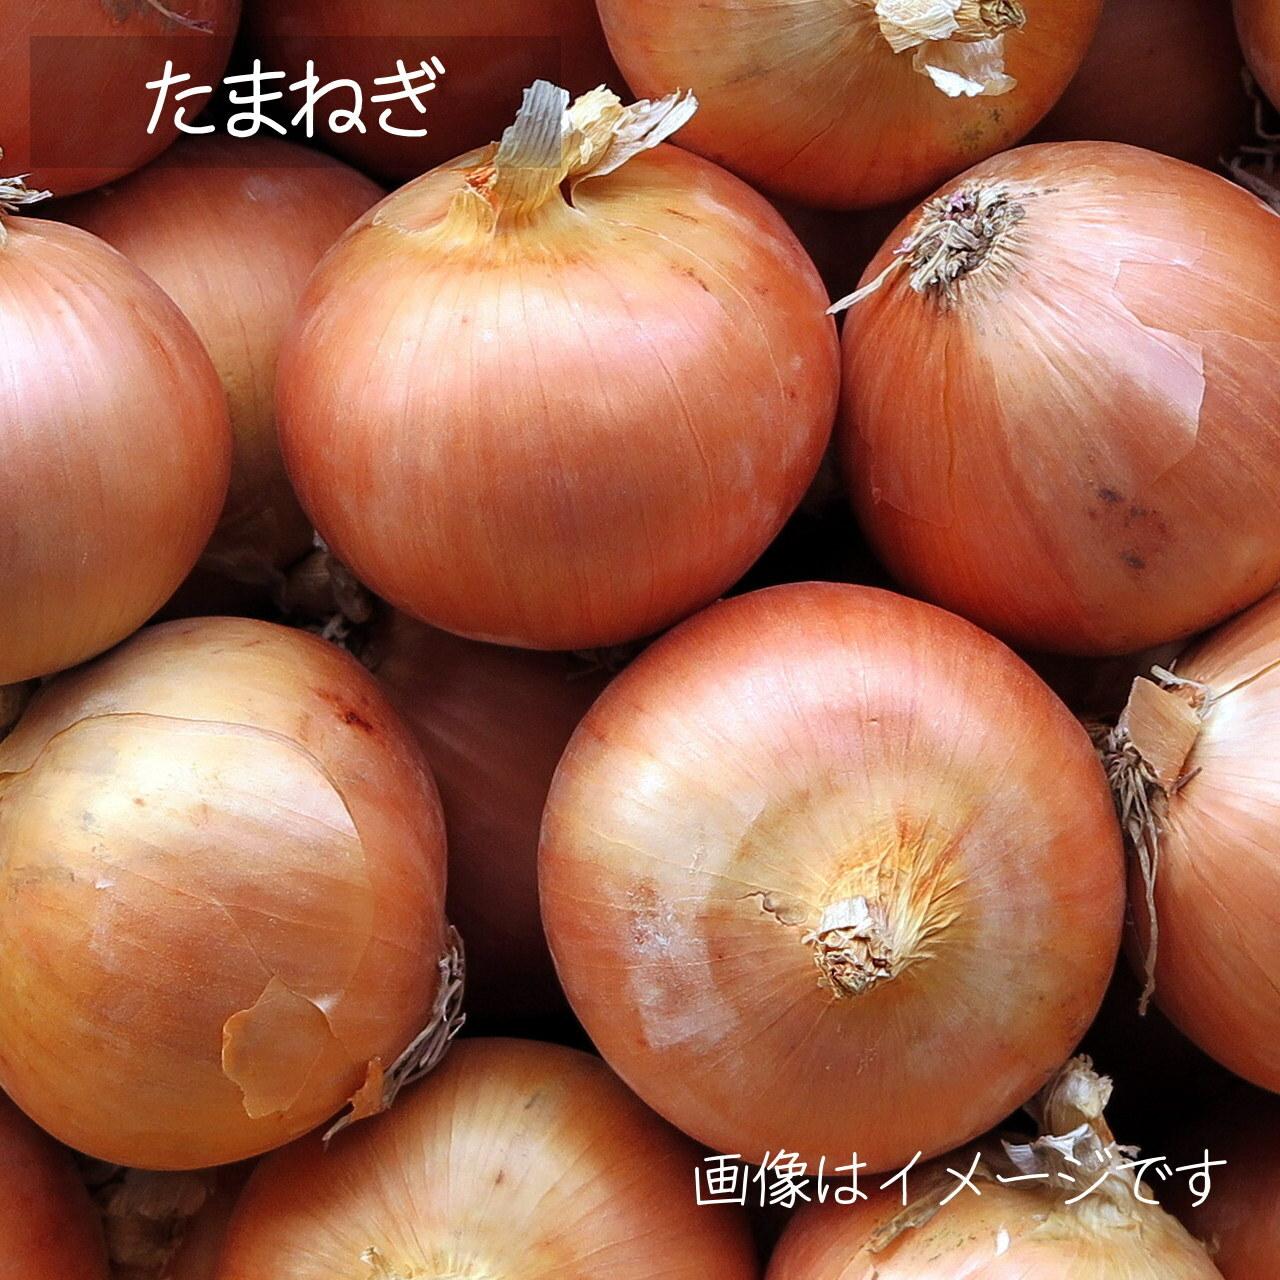 5月の朝採り直売野菜:たまねぎ 4~5個 5月18日発送予定